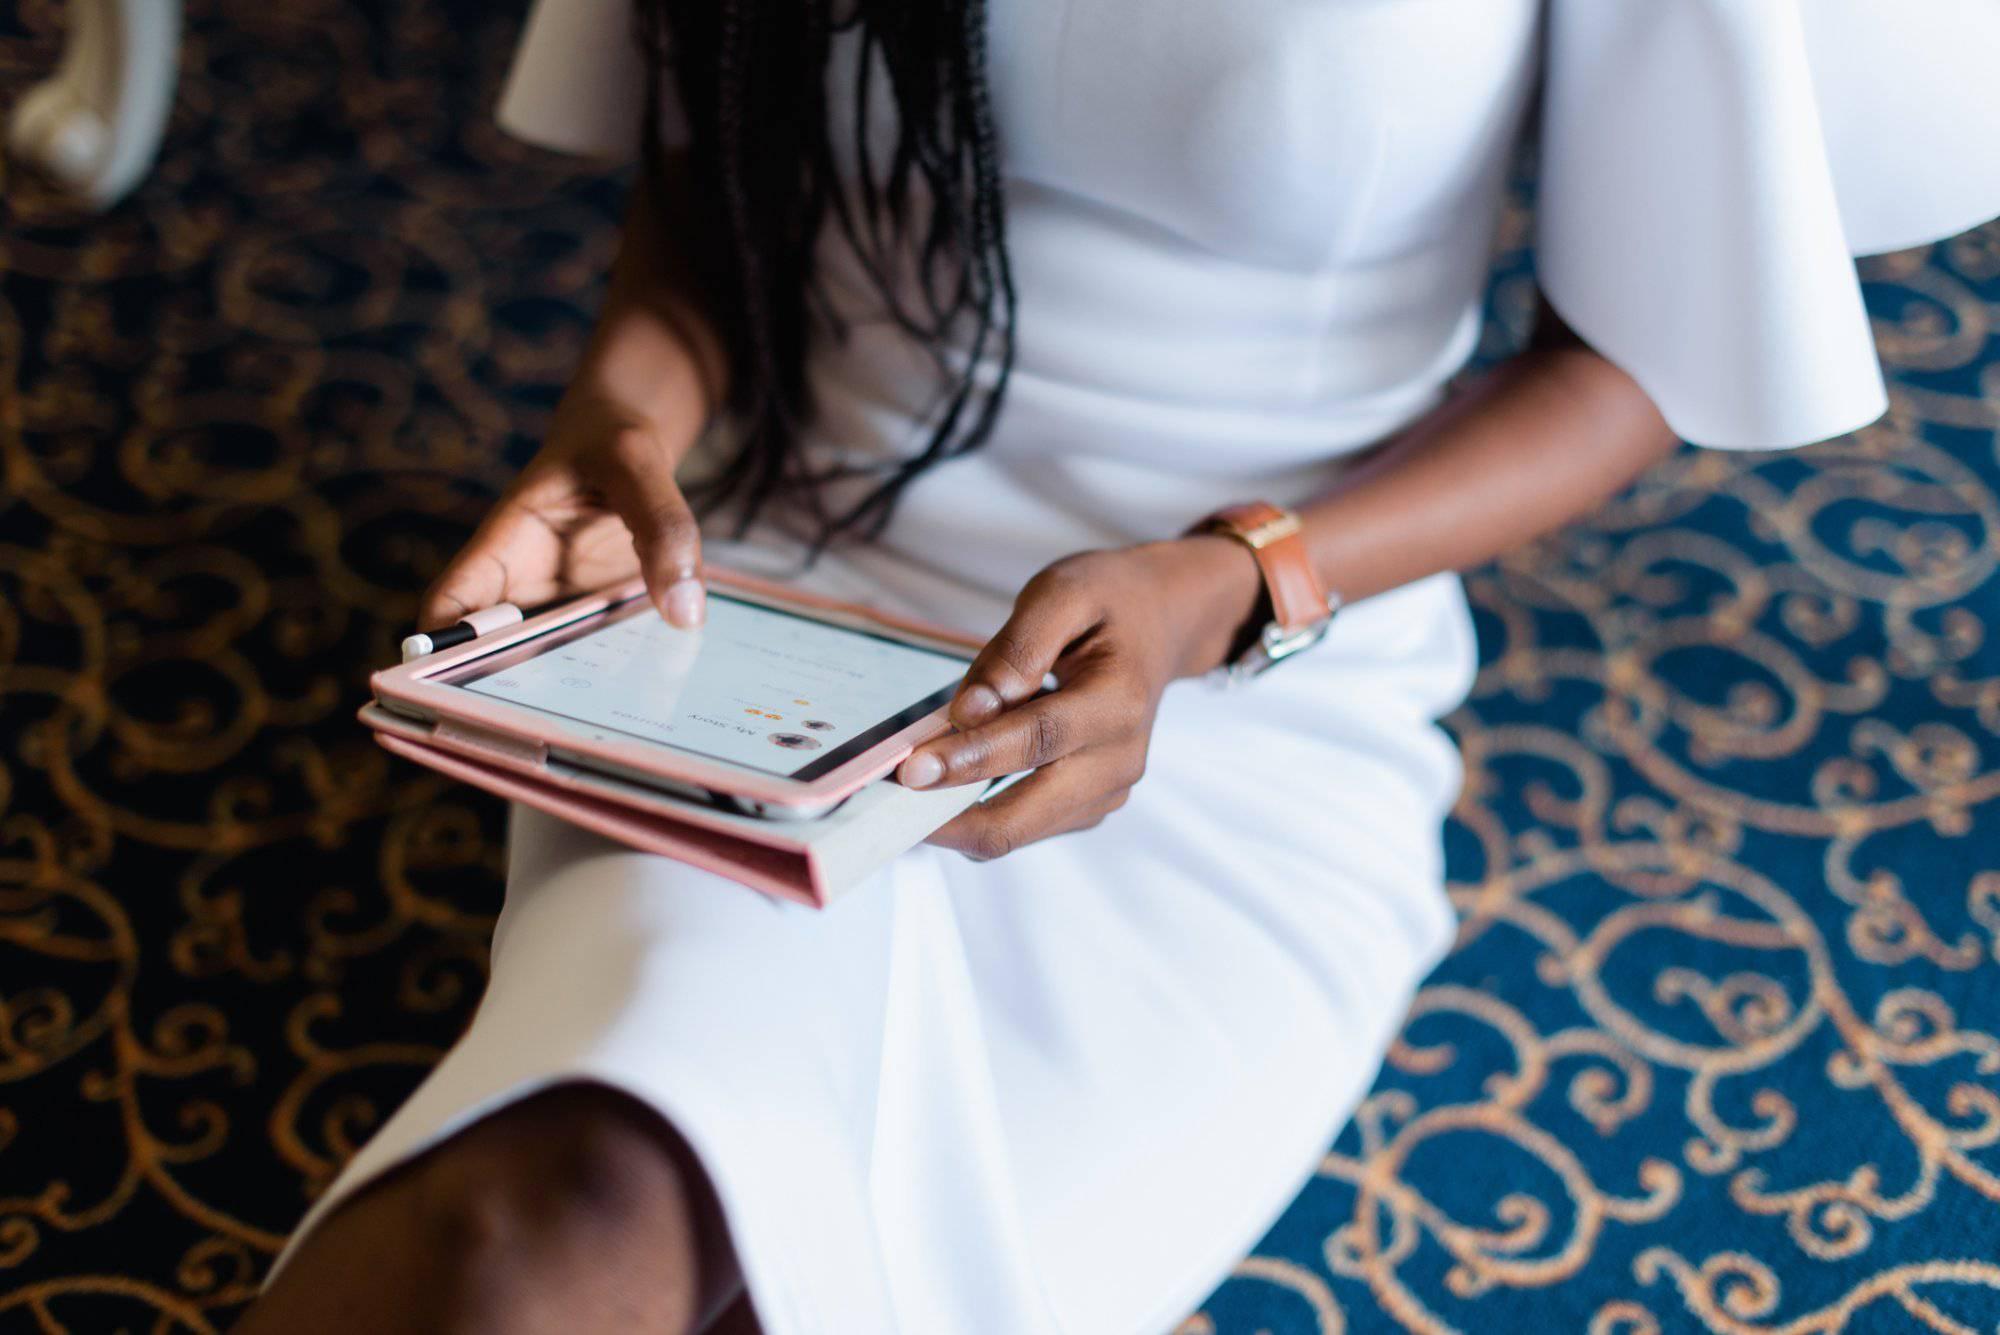 black-career-woman-wearing-white-dress